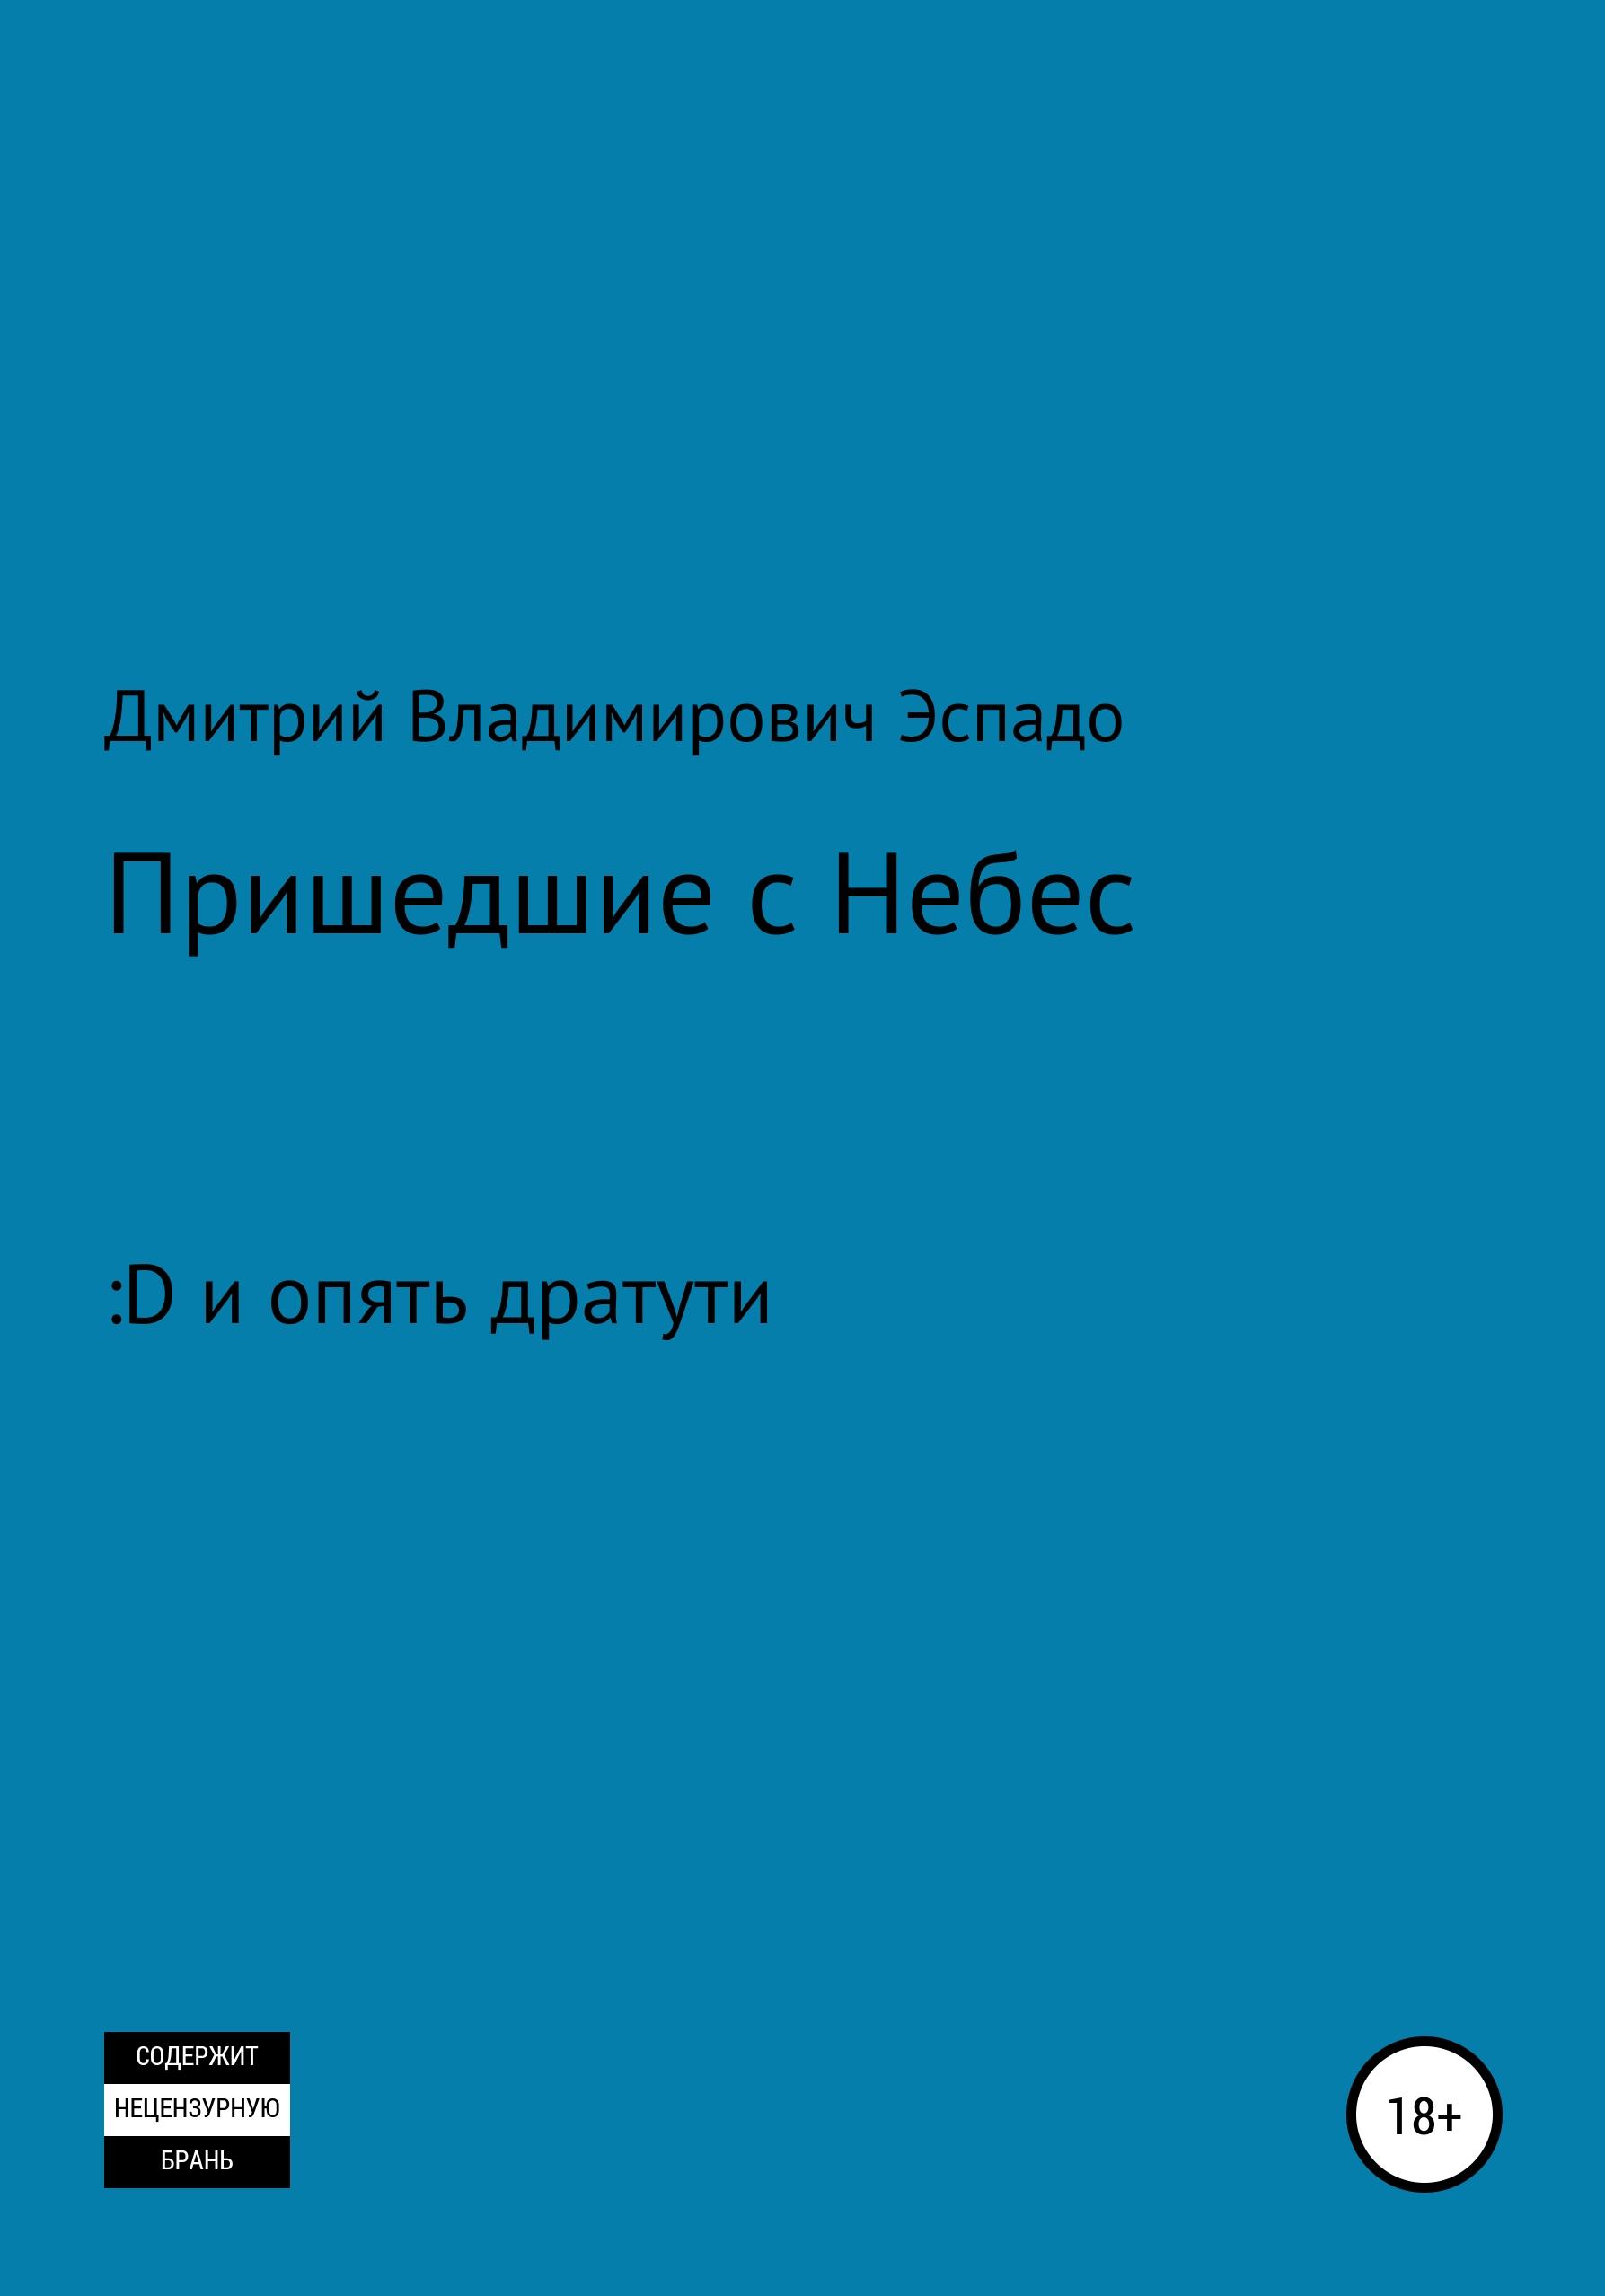 Купить книгу Пришедшие с Небес, автора Дмитрия Владимировича Эспадо